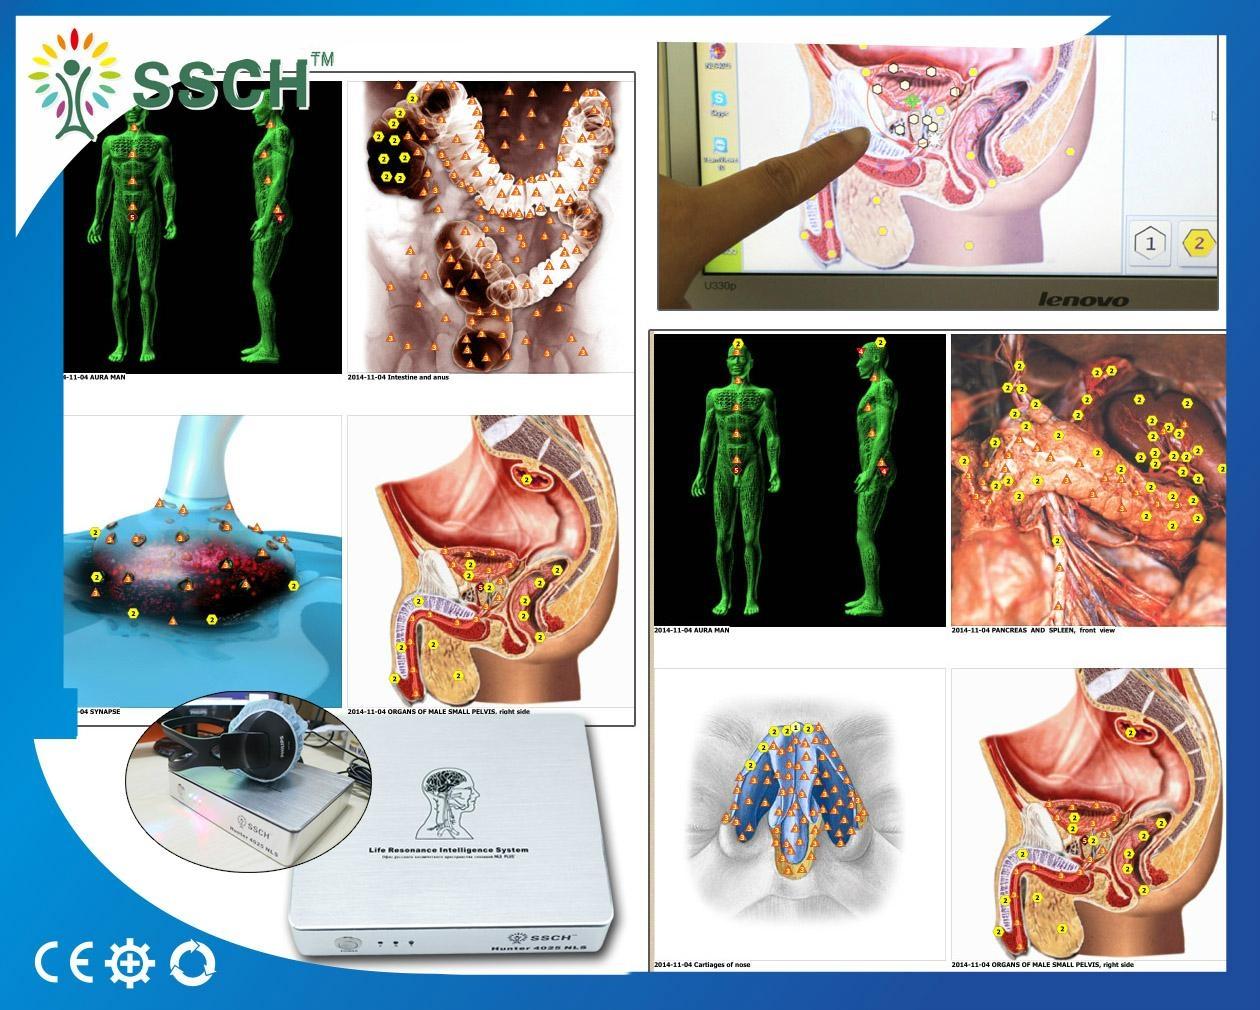 塔特隆獵人4025 NLS系統生物共振健康掃描和治療 4